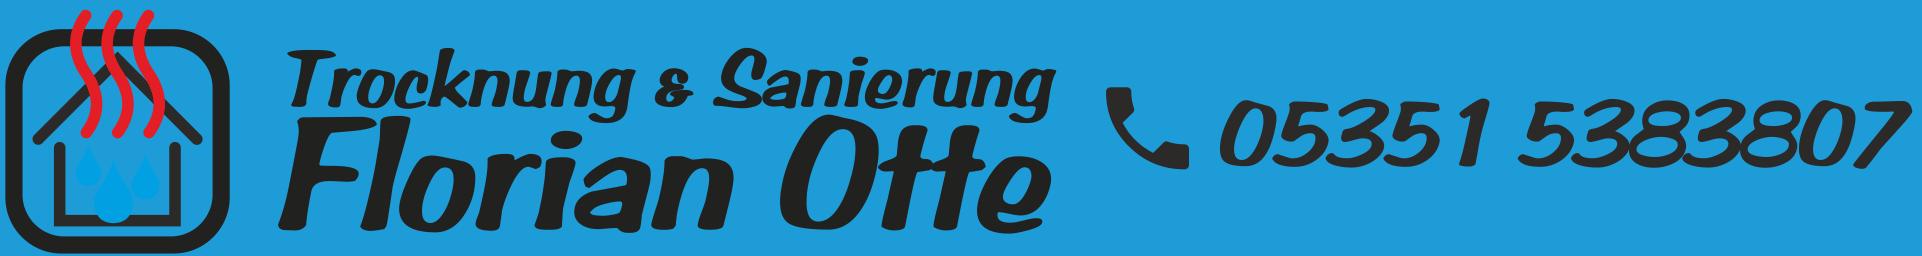 Trocknung & Sanierung Florian Otte